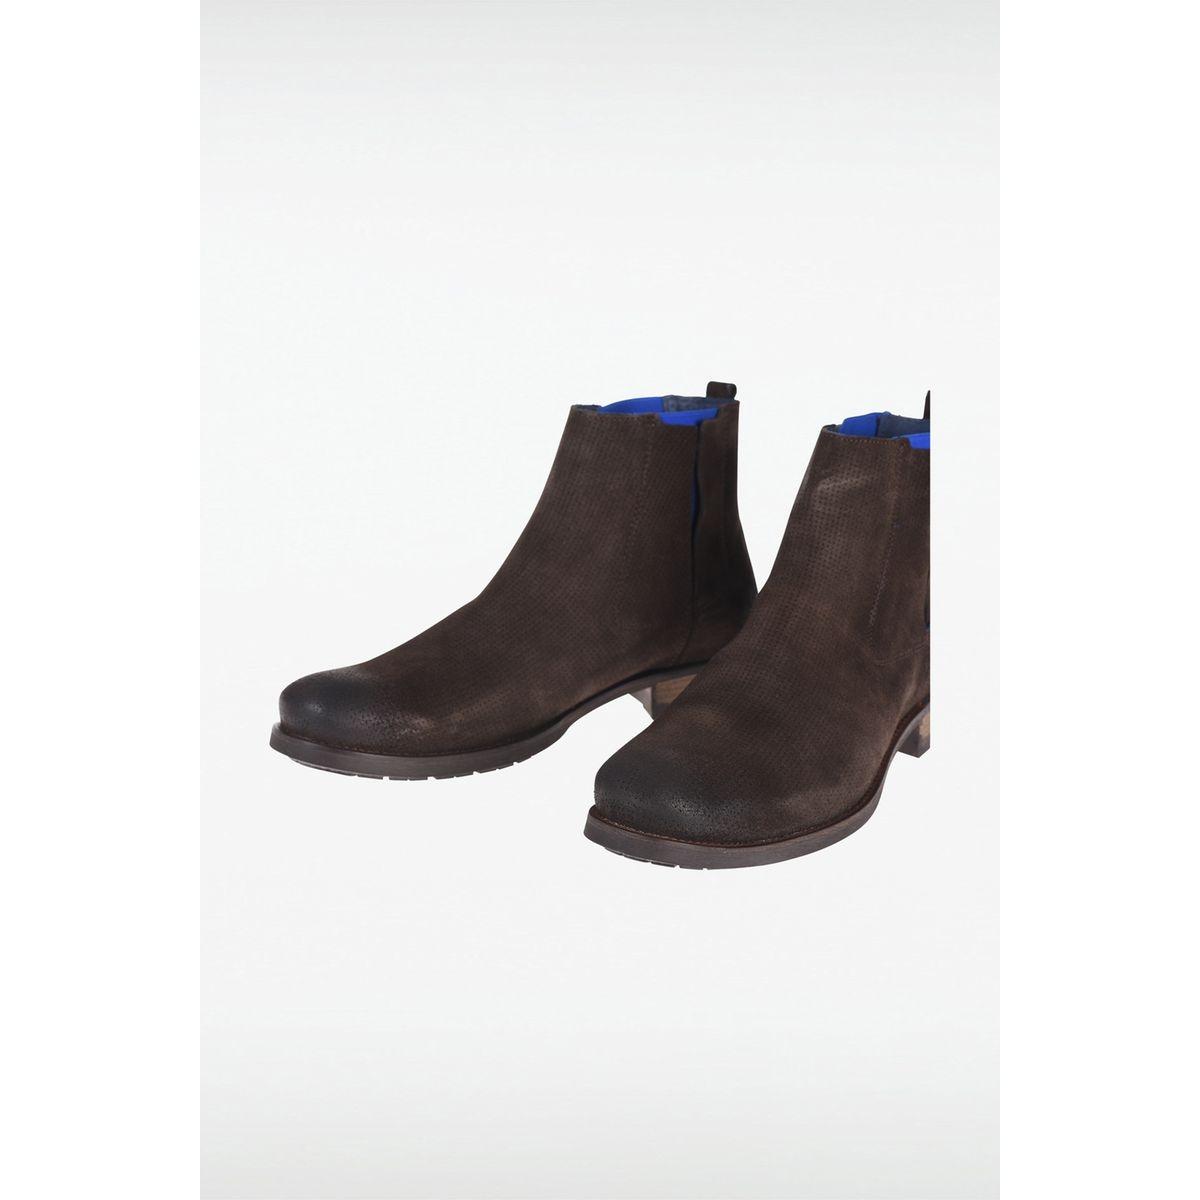 Boots homme cuir élastique coloré